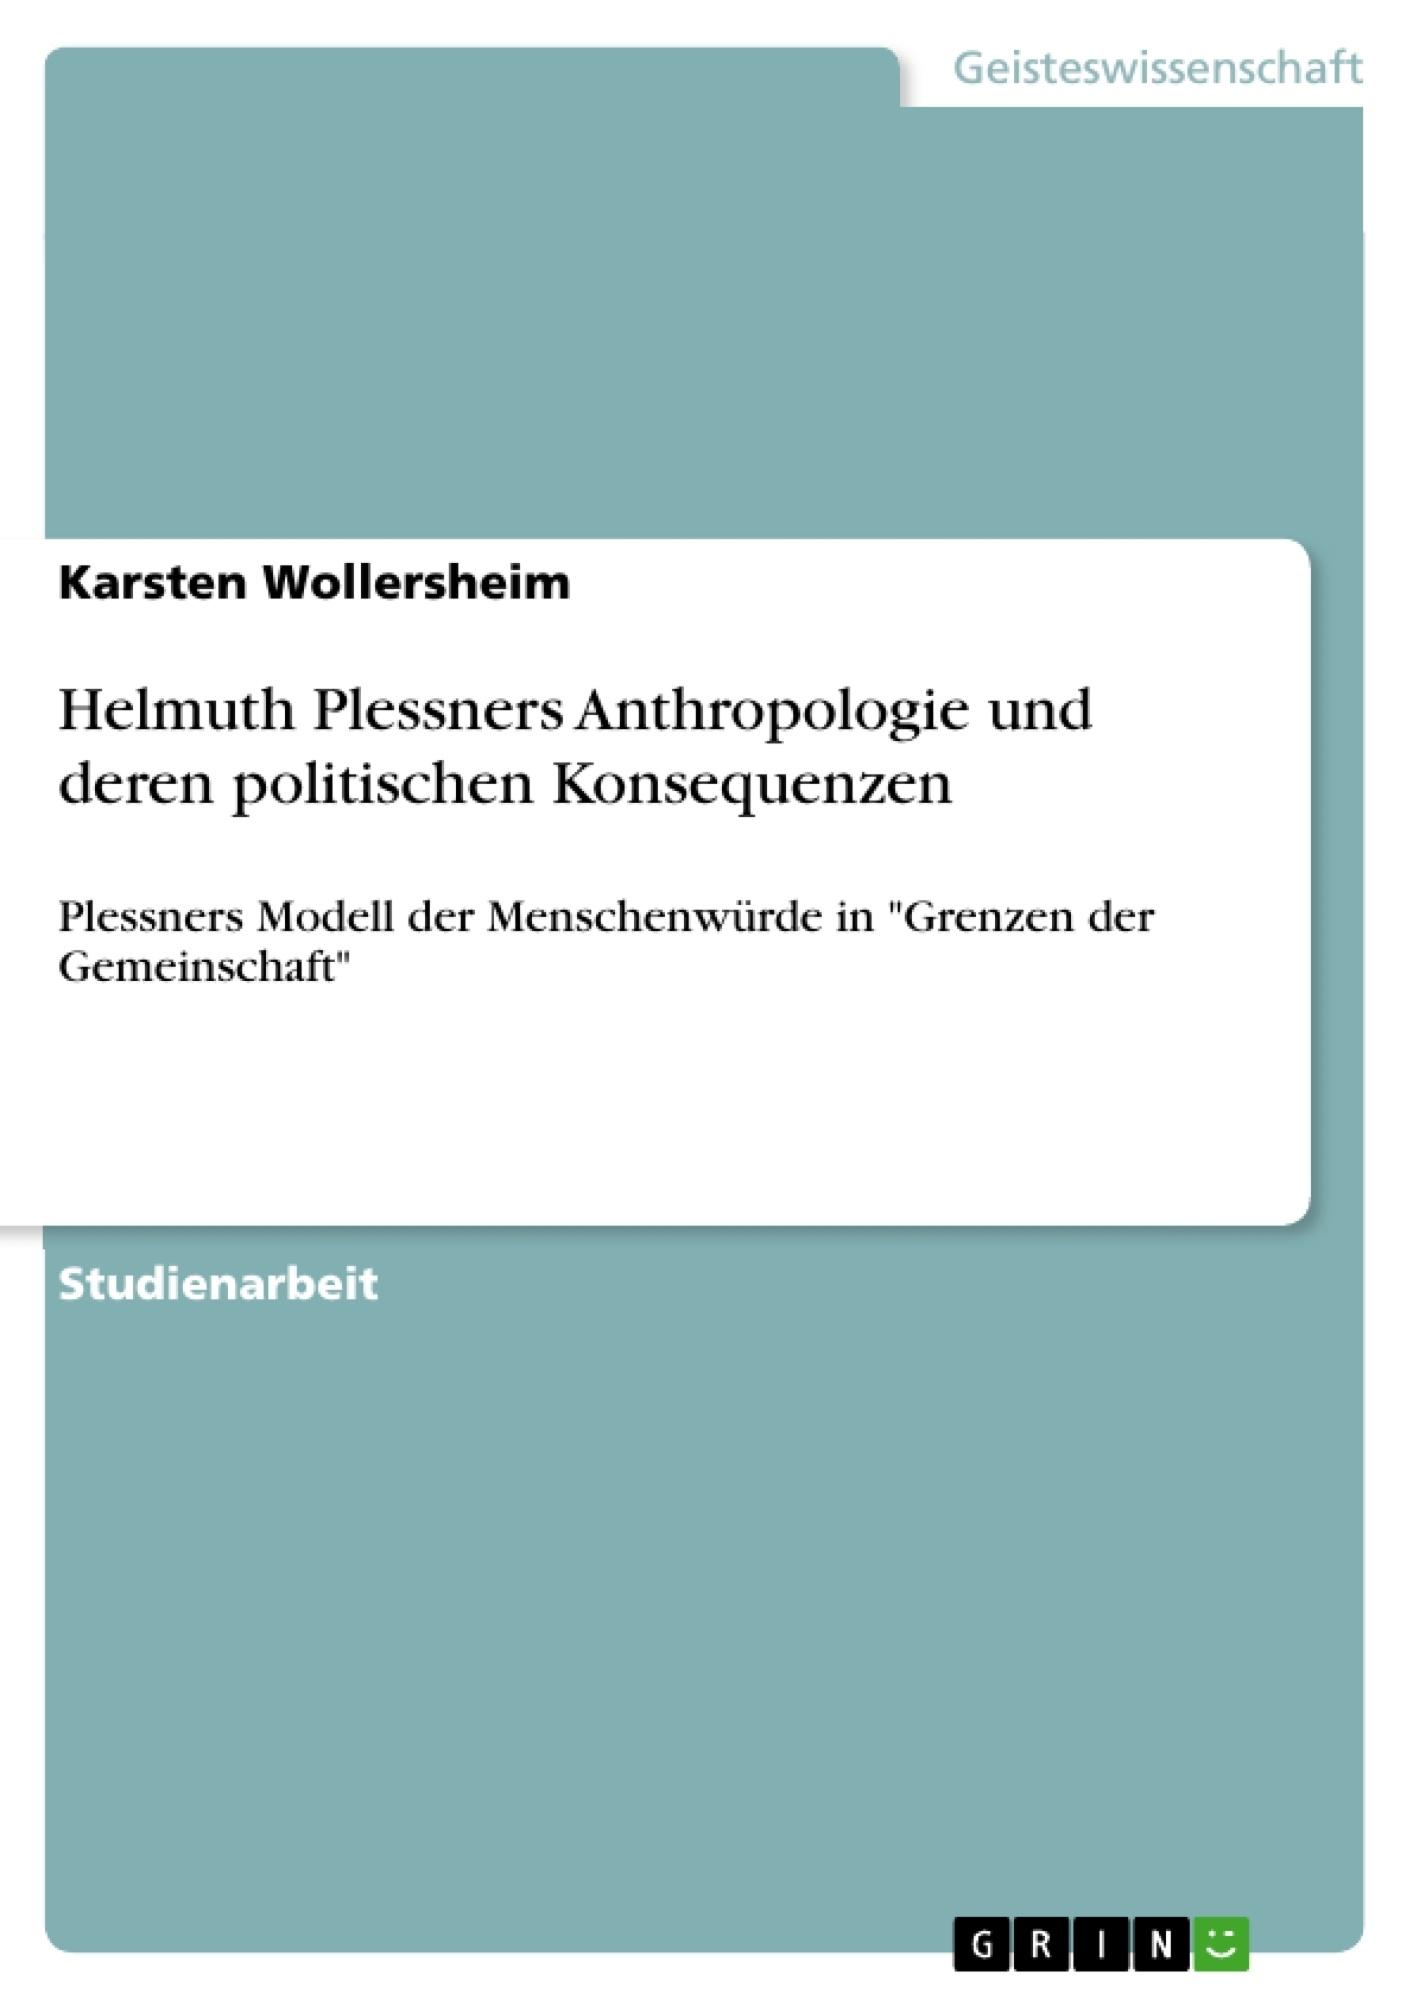 Titel: Helmuth Plessners Anthropologie und deren politischen Konsequenzen